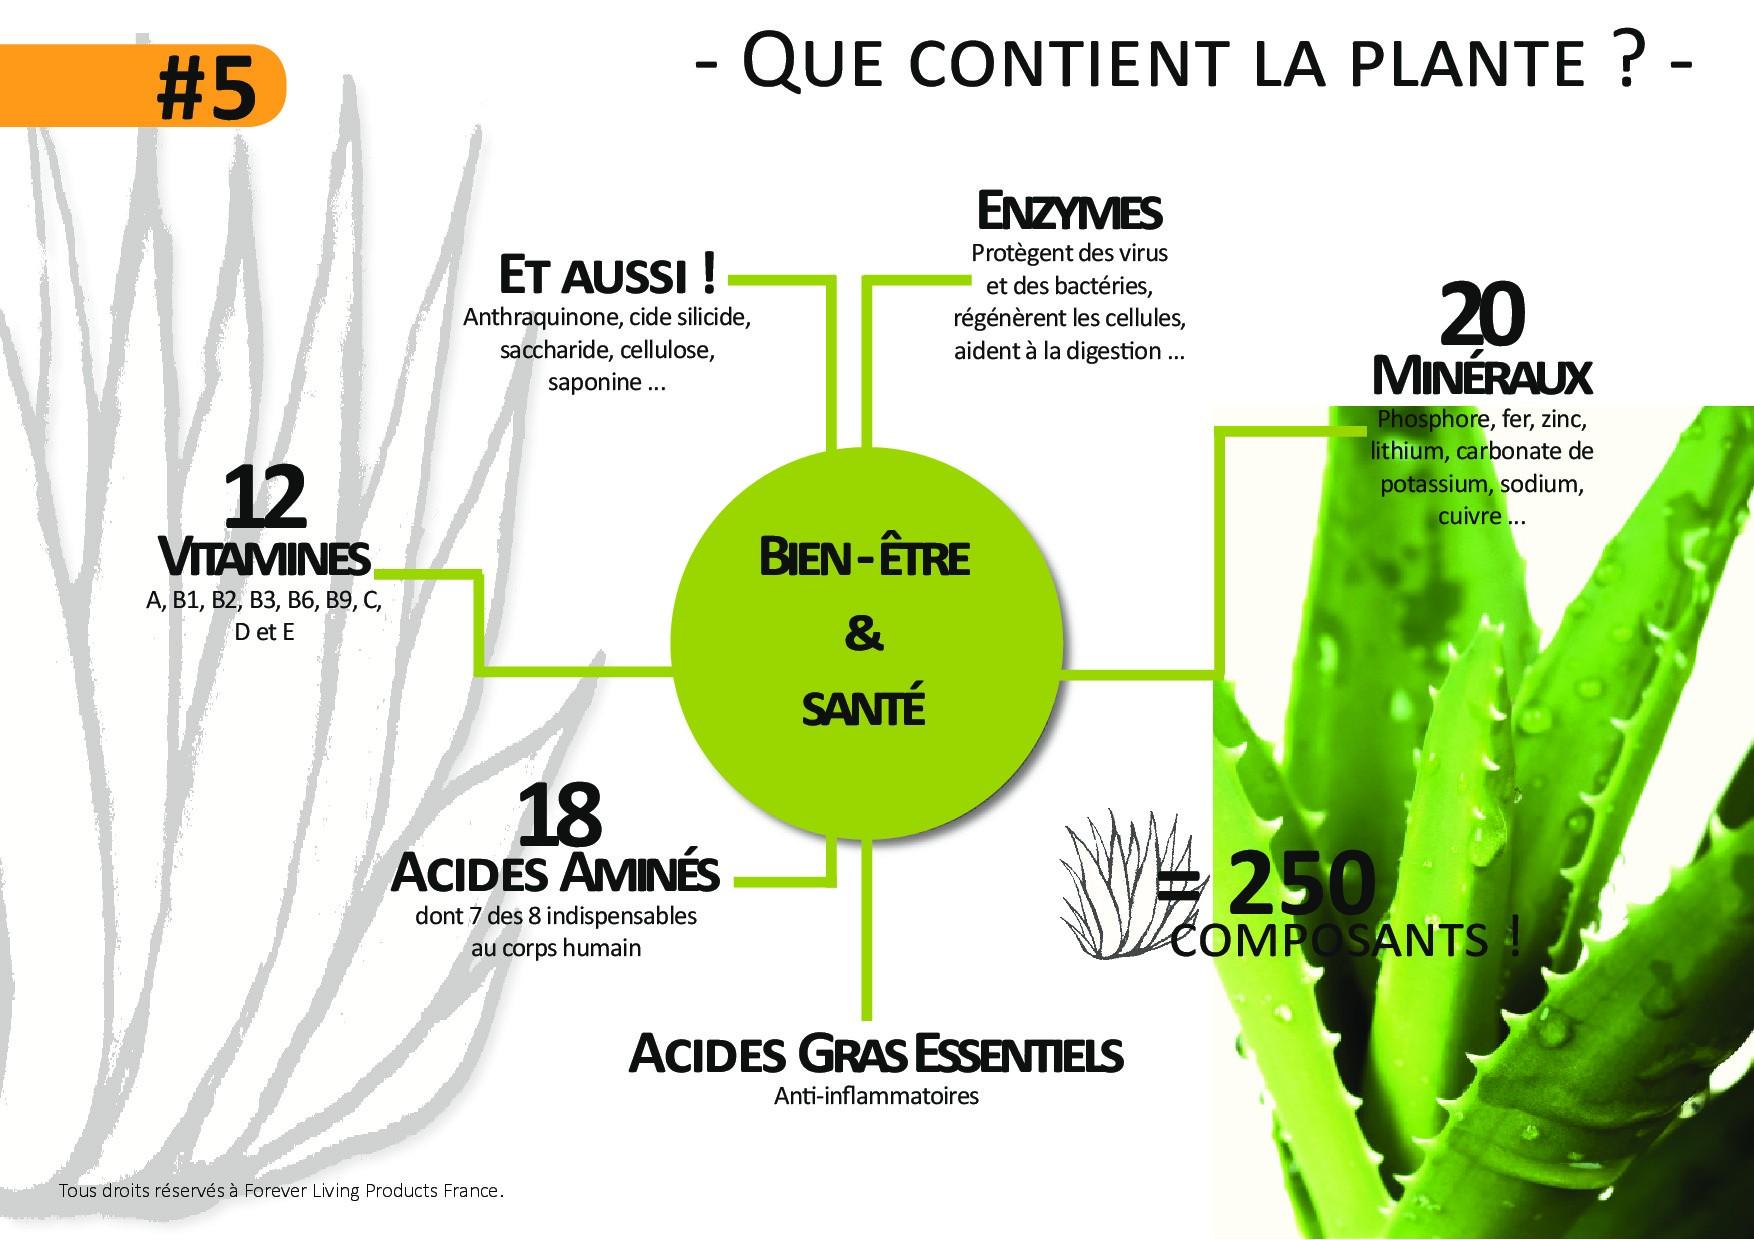 #5_QueContientLa plante